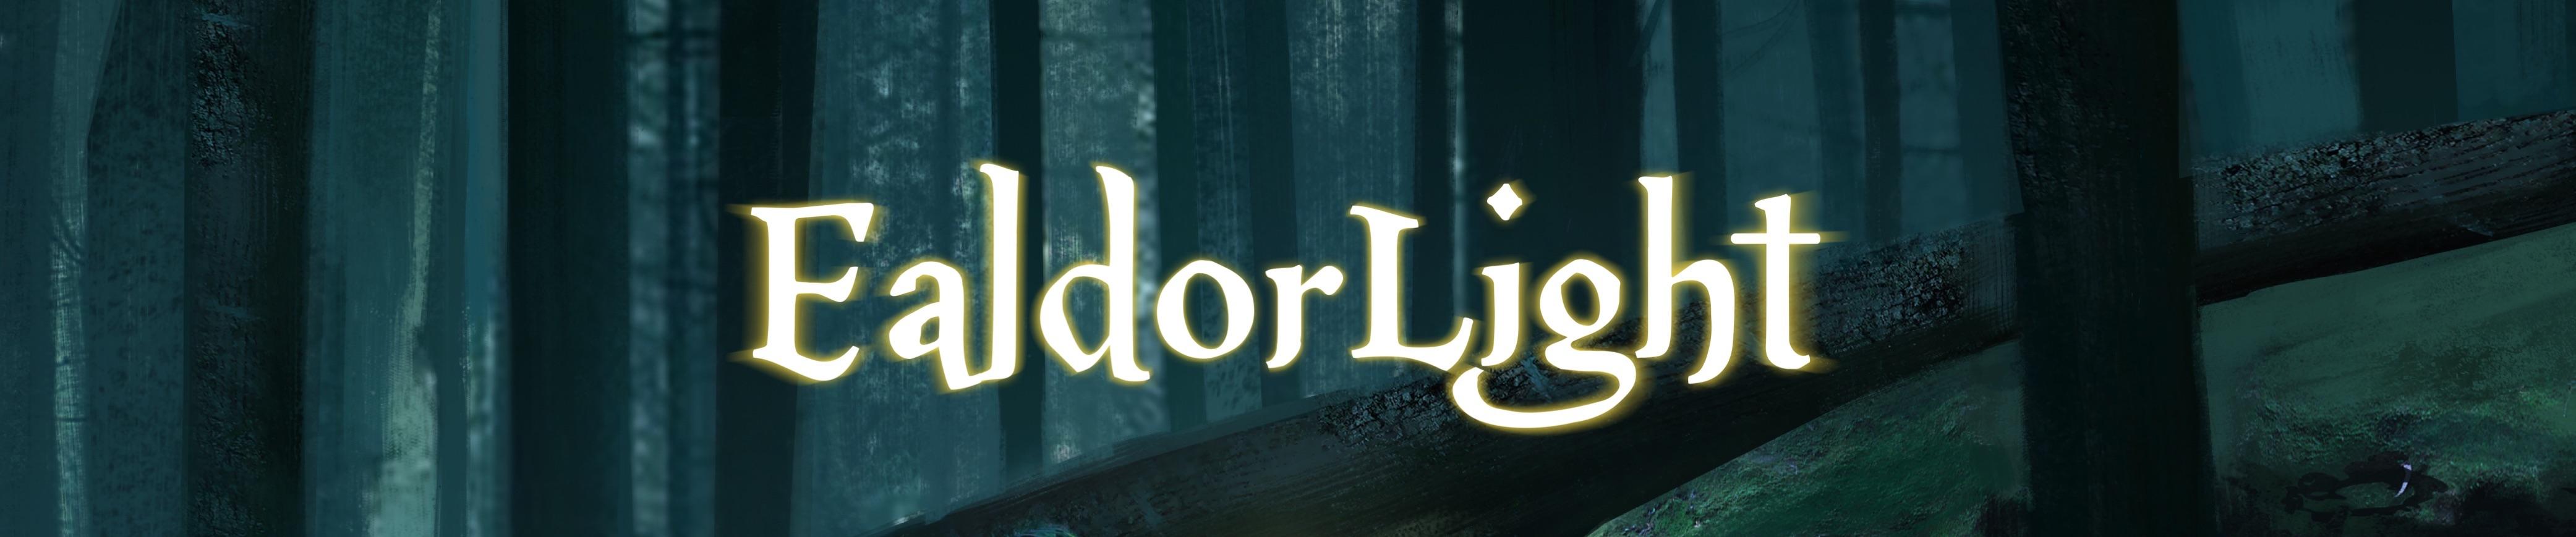 Ealdorlight Banner